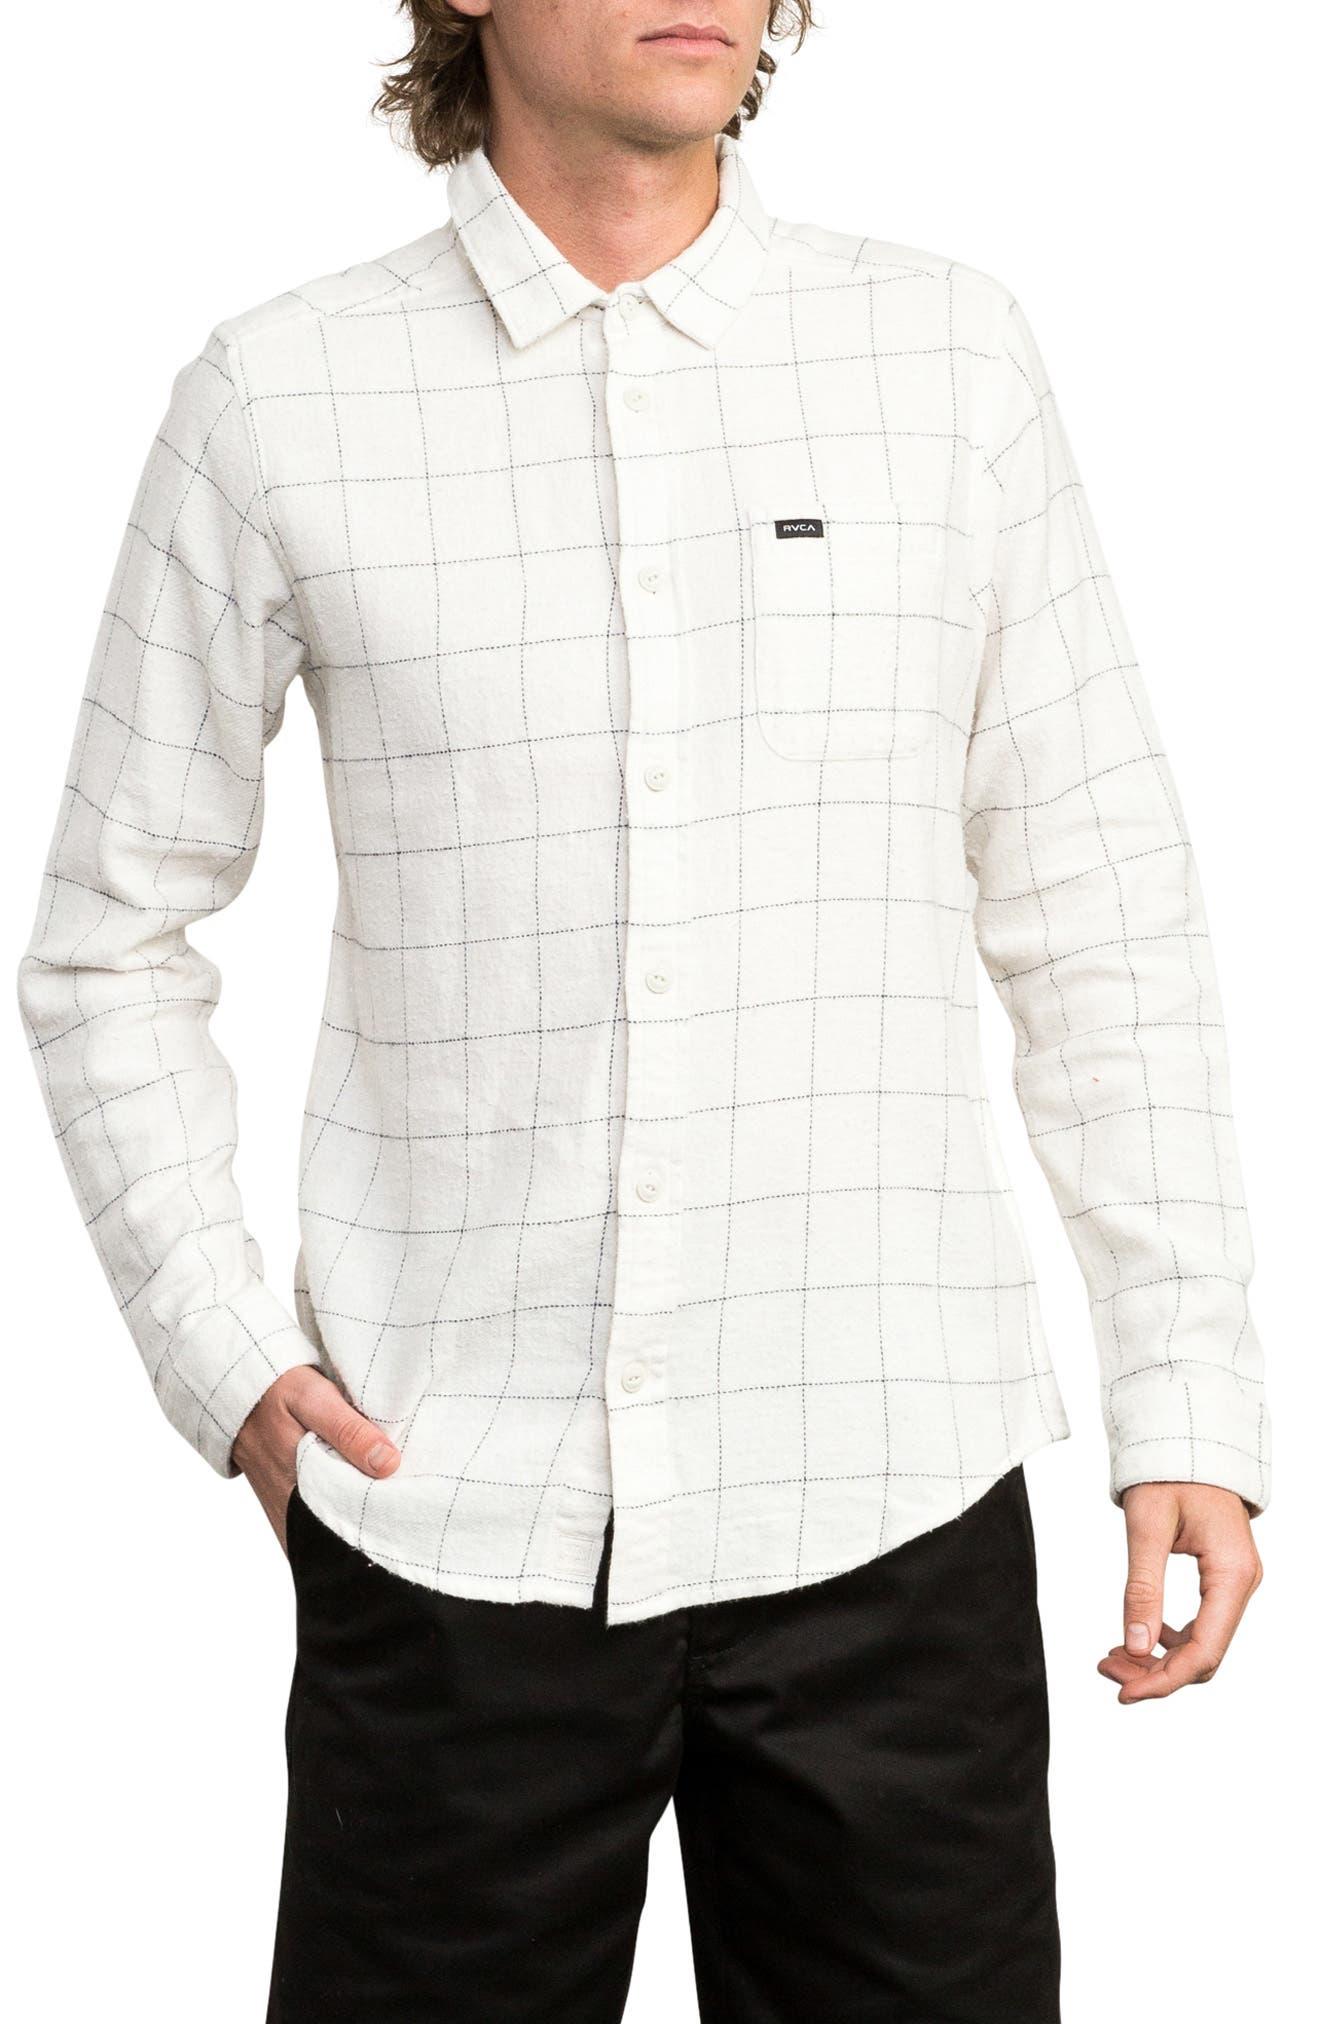 Arc Flannel Shirt,                             Main thumbnail 1, color,                             SILVER BLEACH